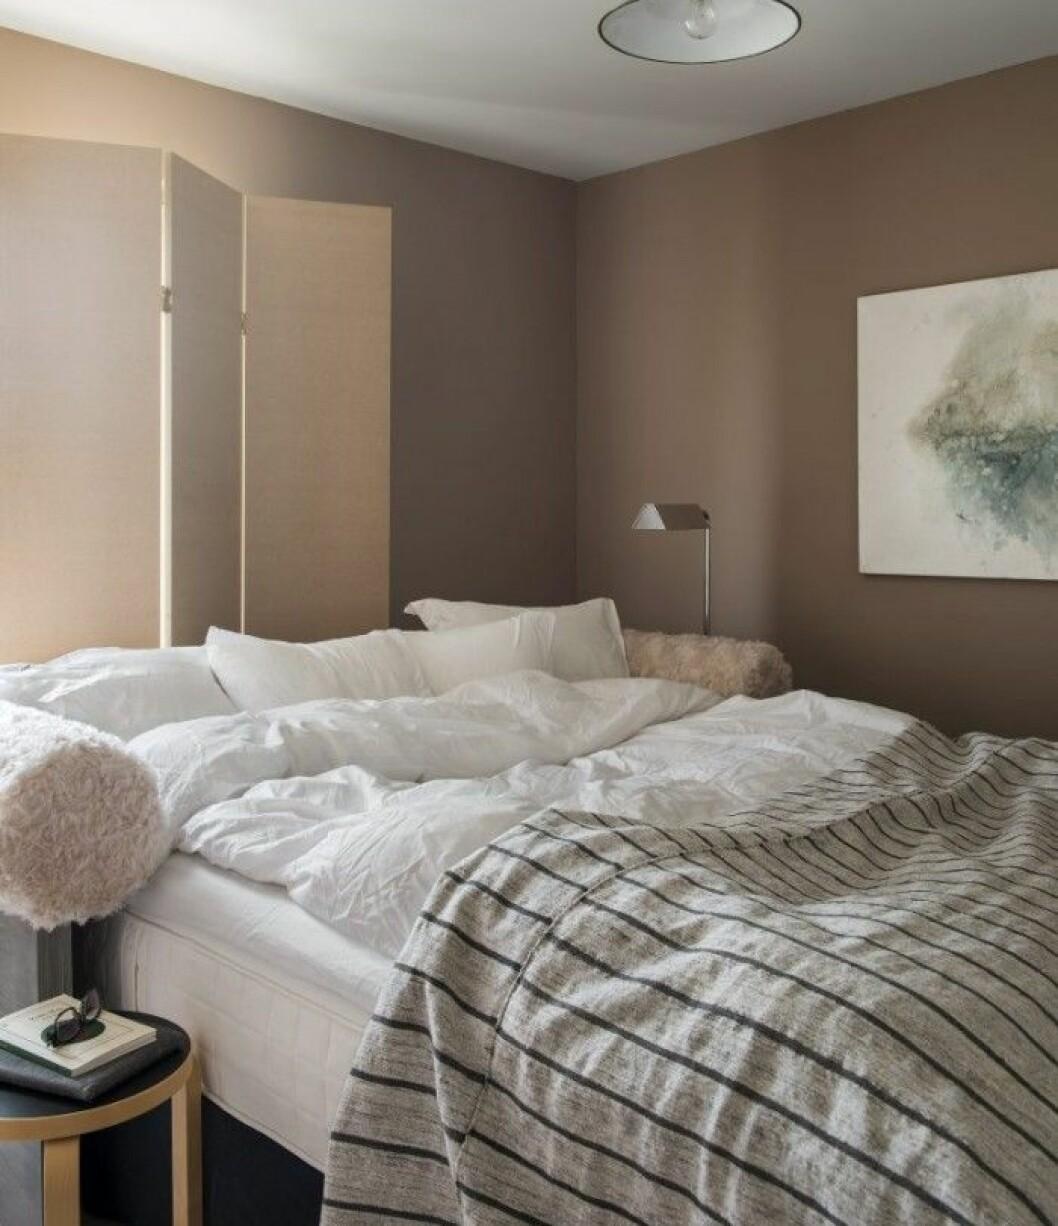 I sovrummet råder asketiskt lugn med lite lurv på sänggaveln. Säng och vikskärm är i egen design. Lampor inropade på auktion. Överkastet är en Kelimmatta.